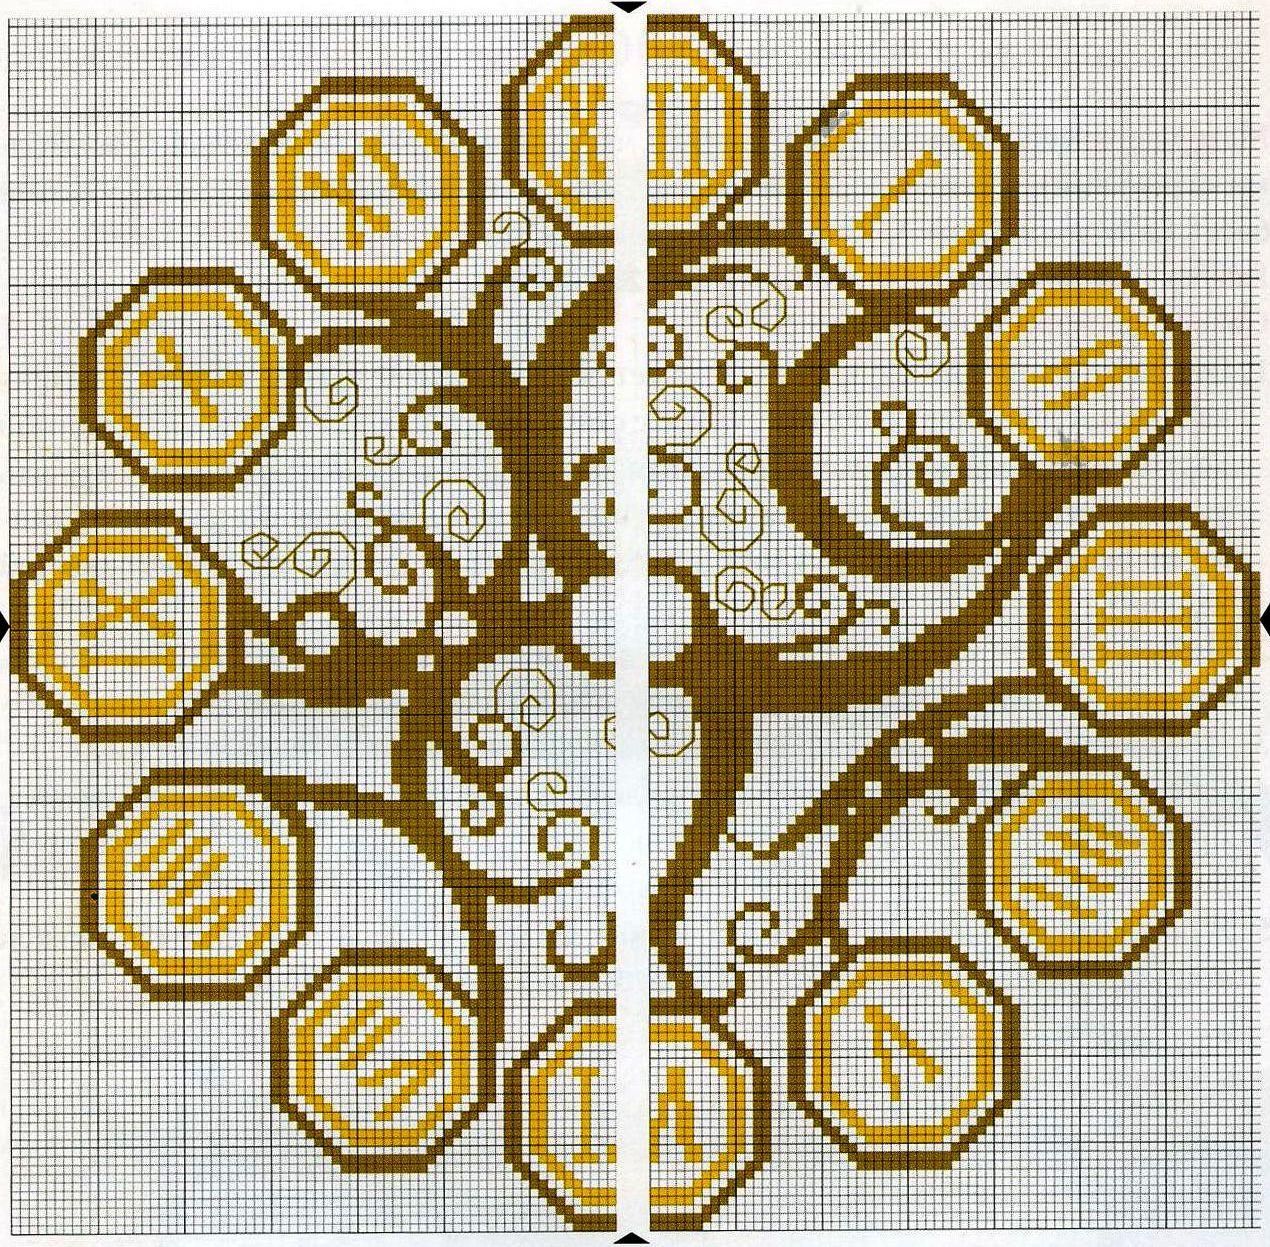 Схема вышивки циферблаты часов